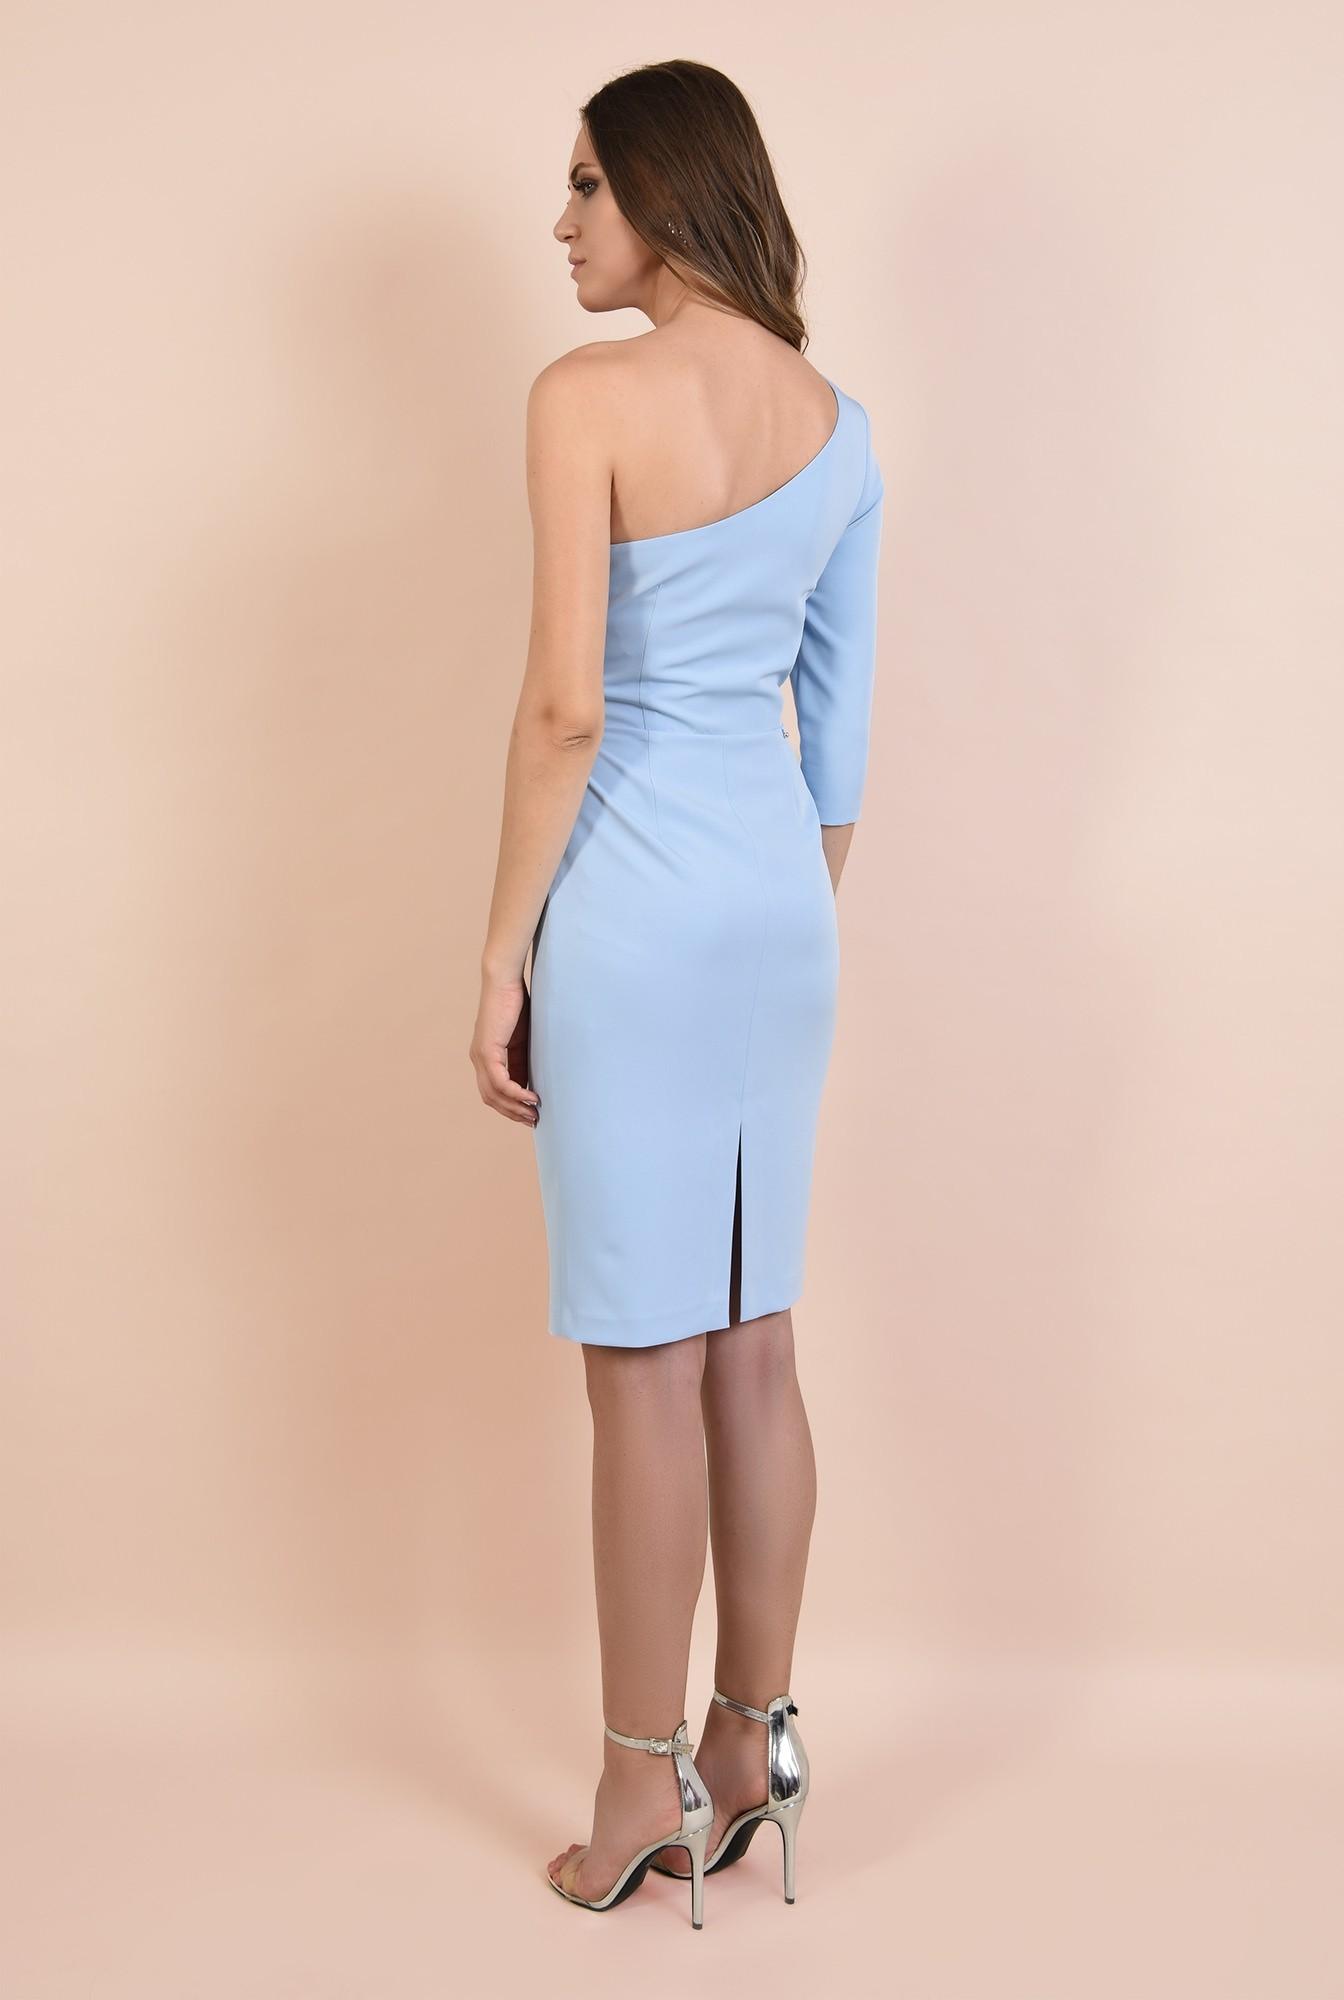 1 - rochie eleganta, midi, bleu, corset, decolteu de inima, conica